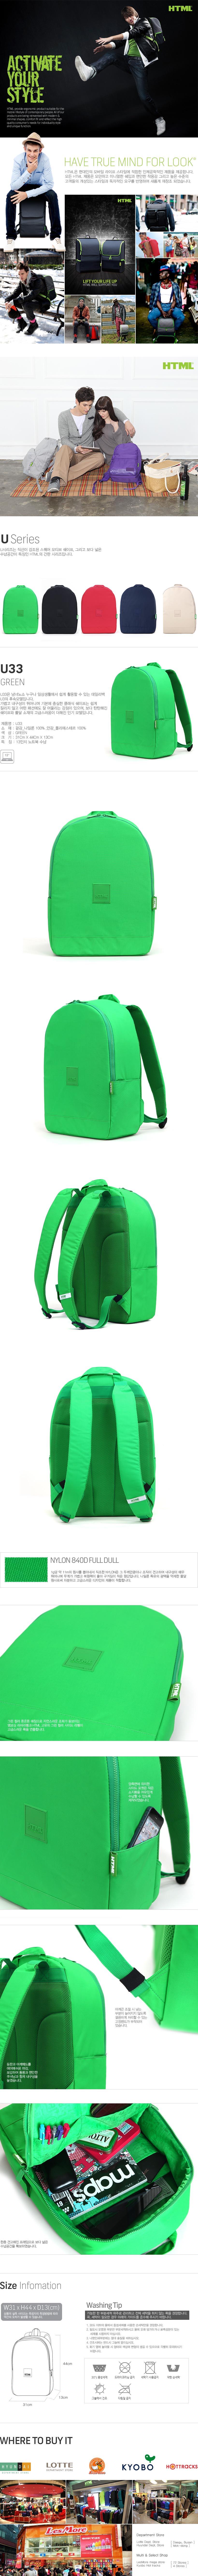 [에이치티엠엘]HTML - U33 backpack (Green)_인기백팩